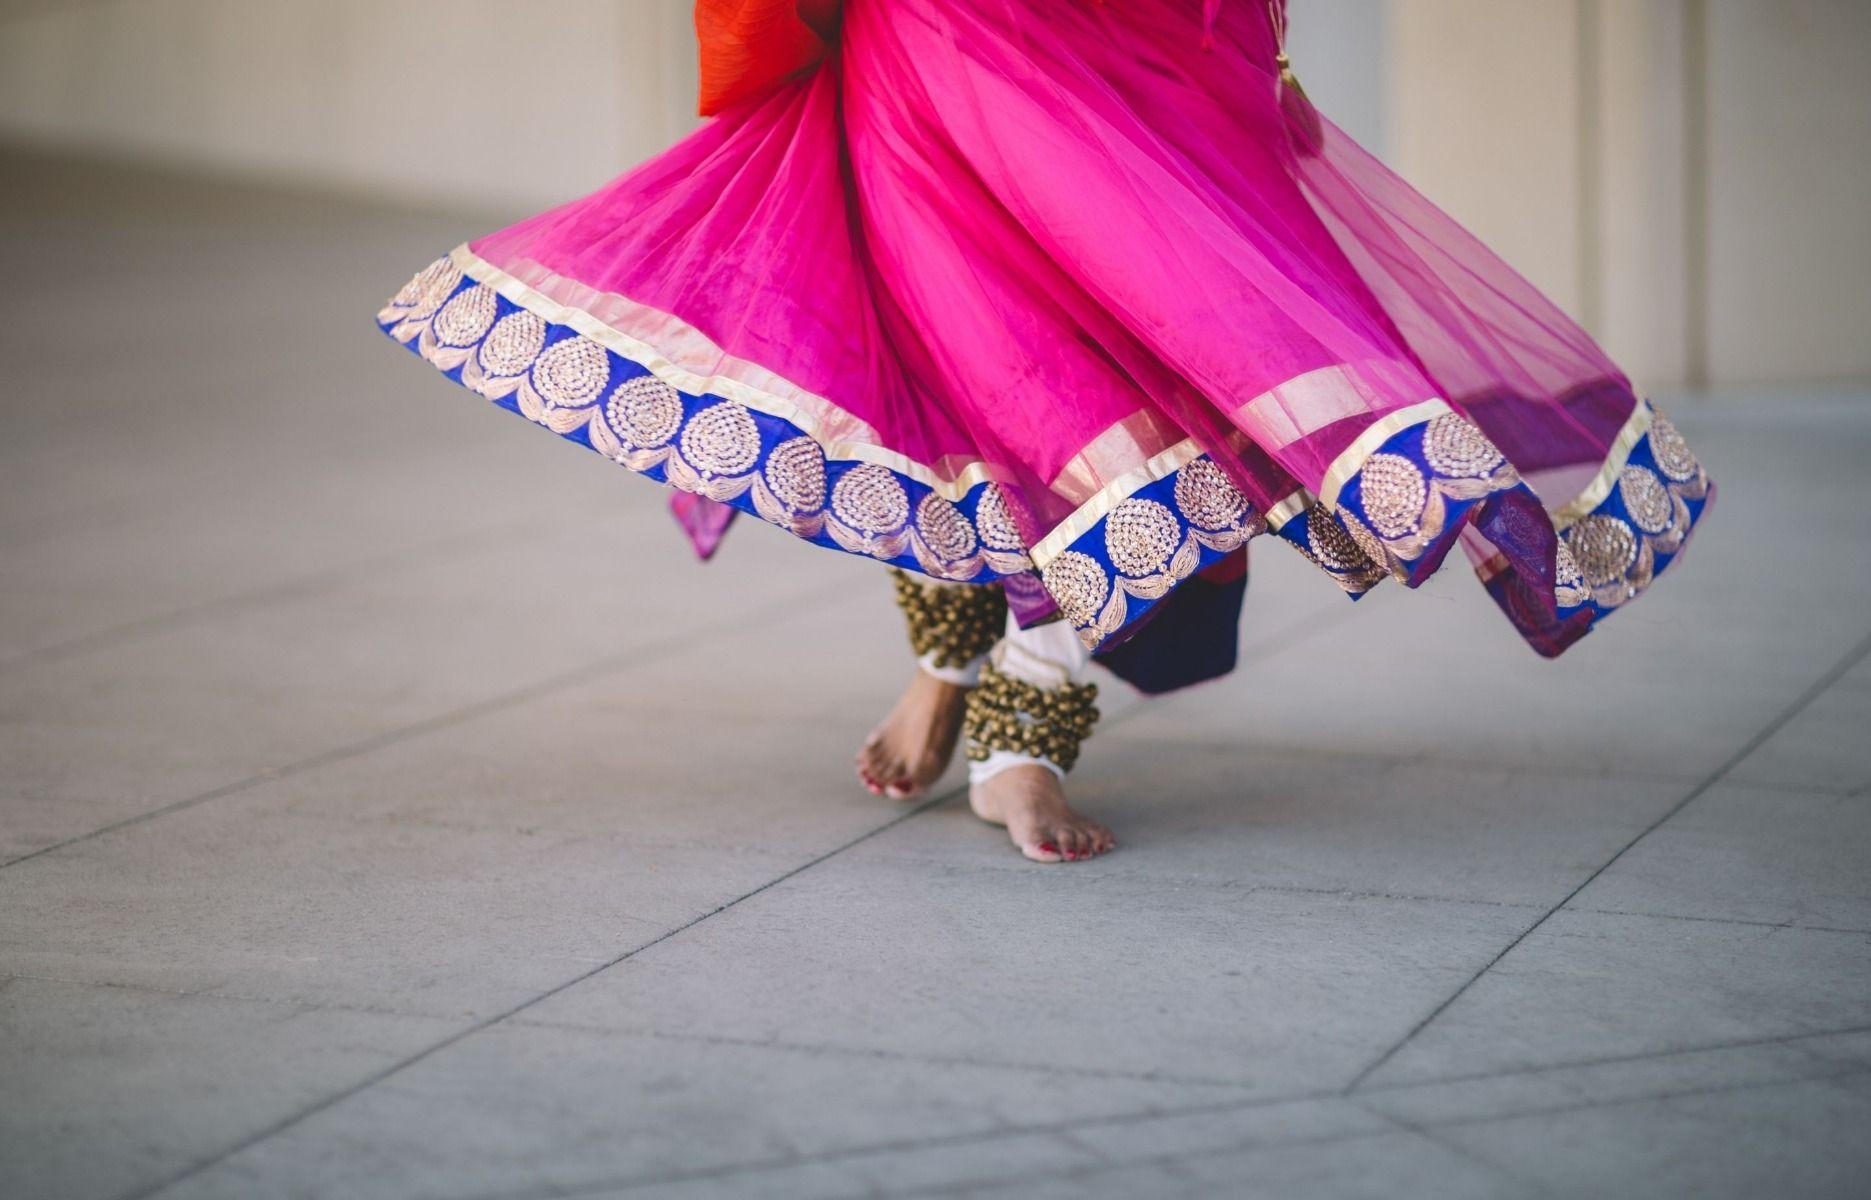 Dancer wearing pink Sari